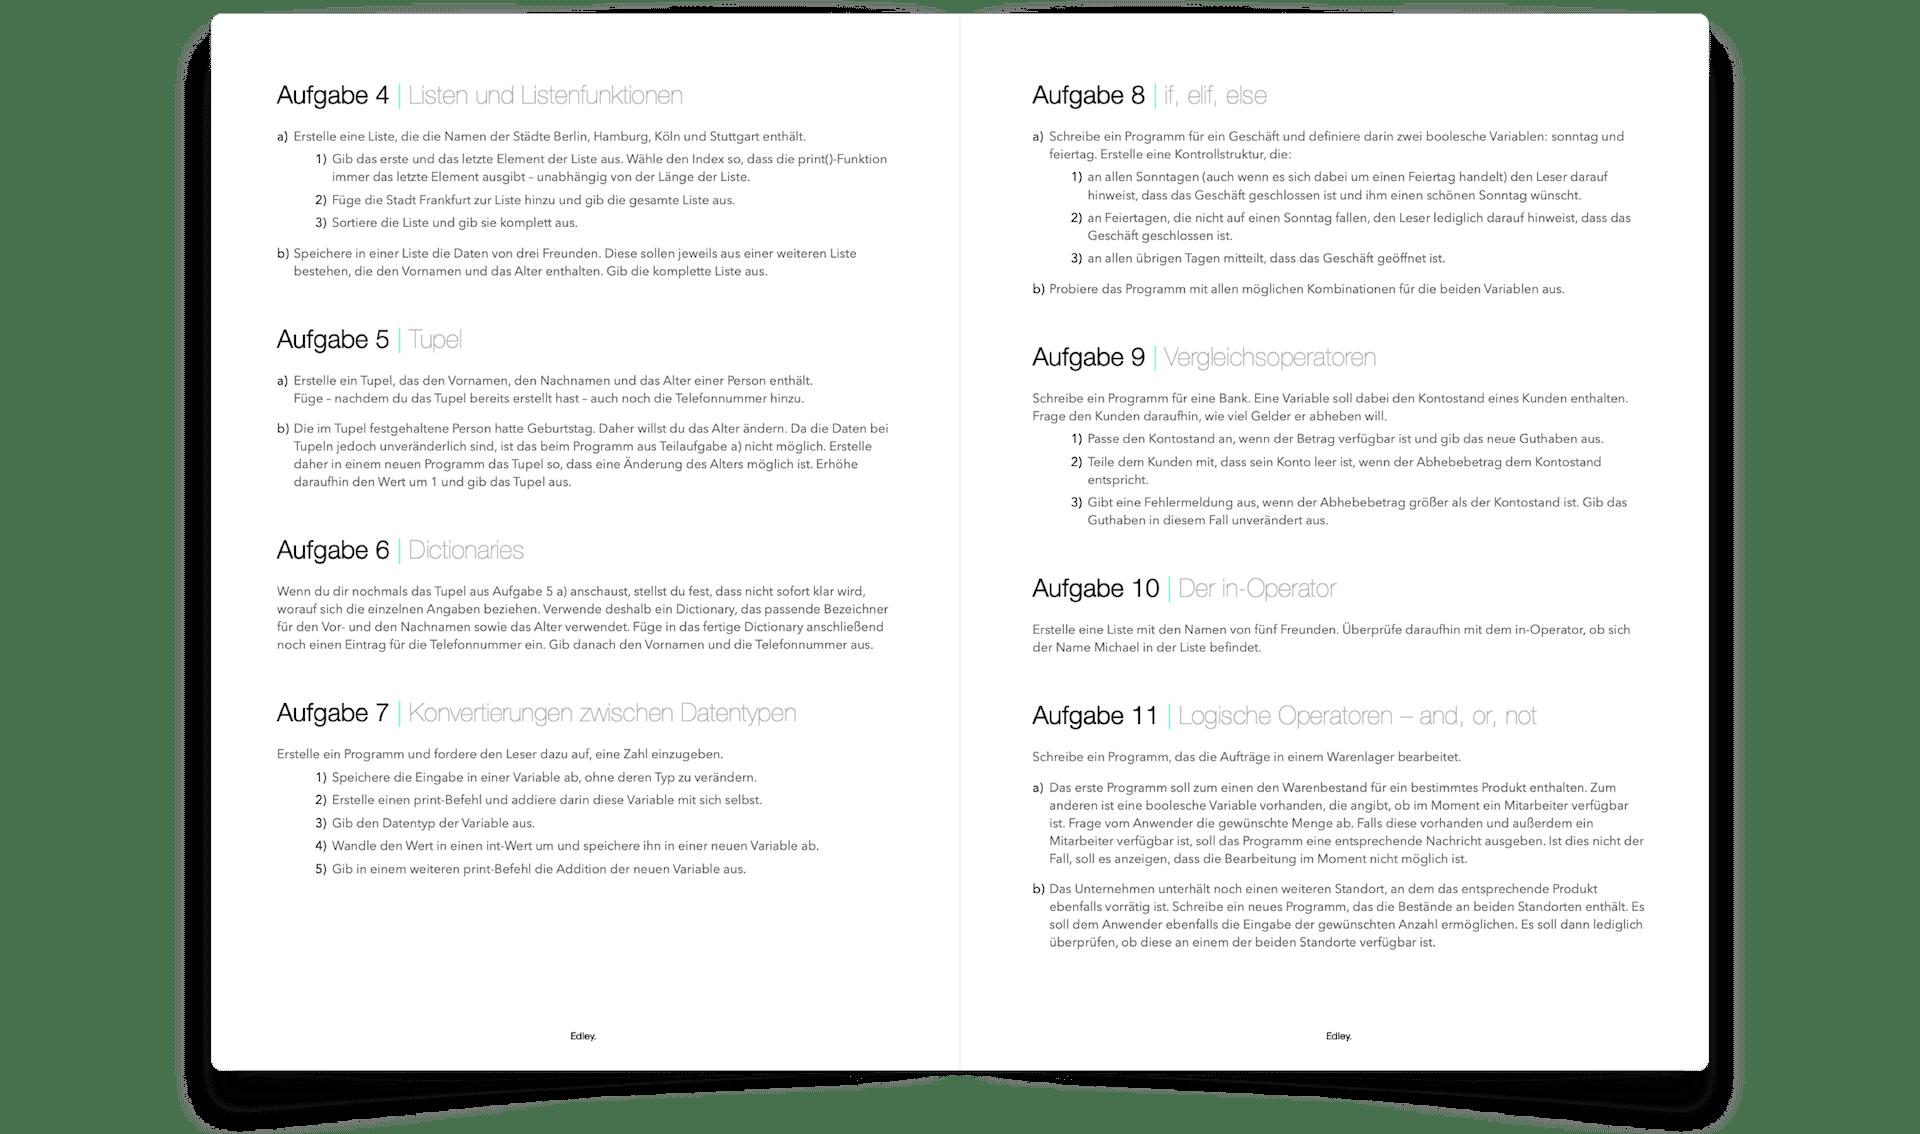 Python Kurs PDF zum online Python lernen